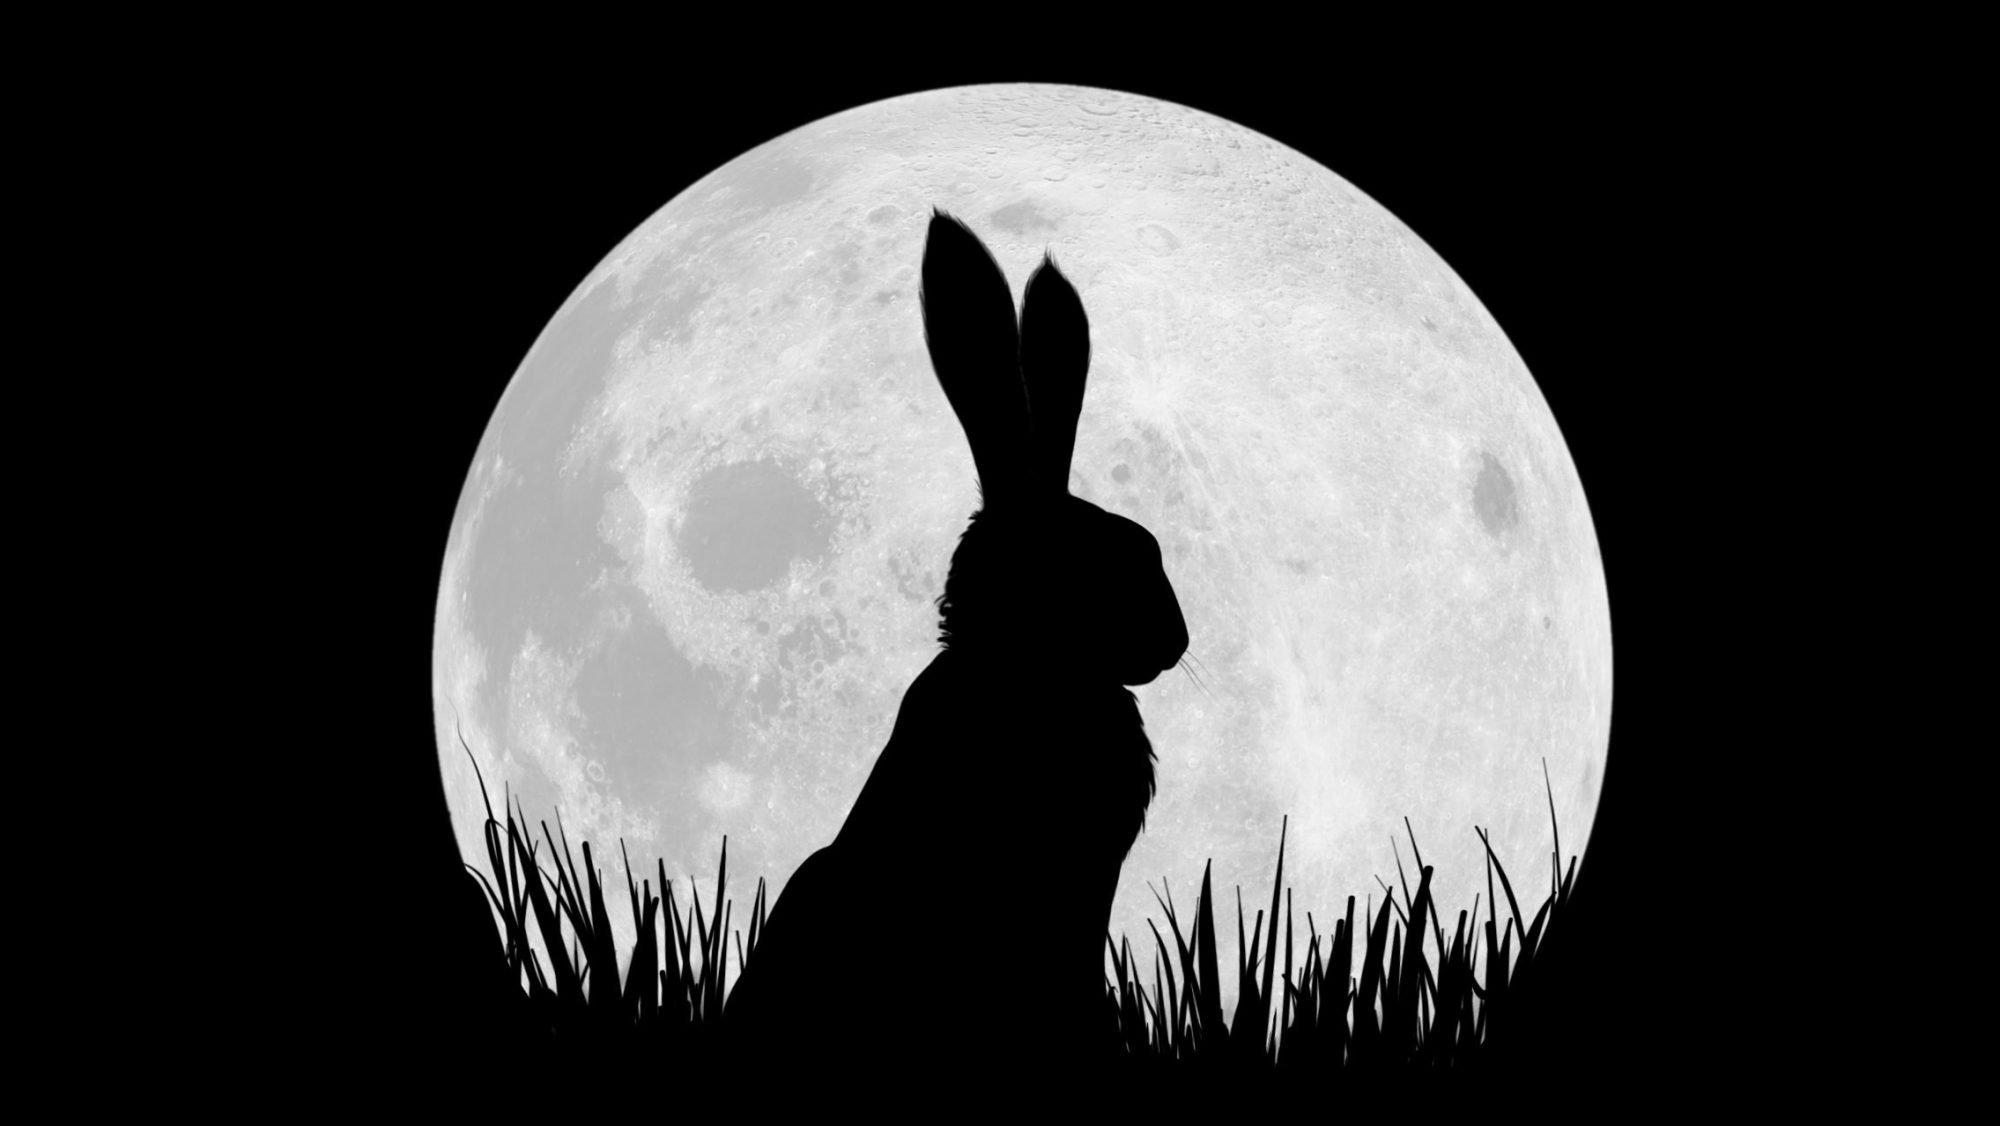 Die besten Easter Eggs bei Netflix-Produktionen